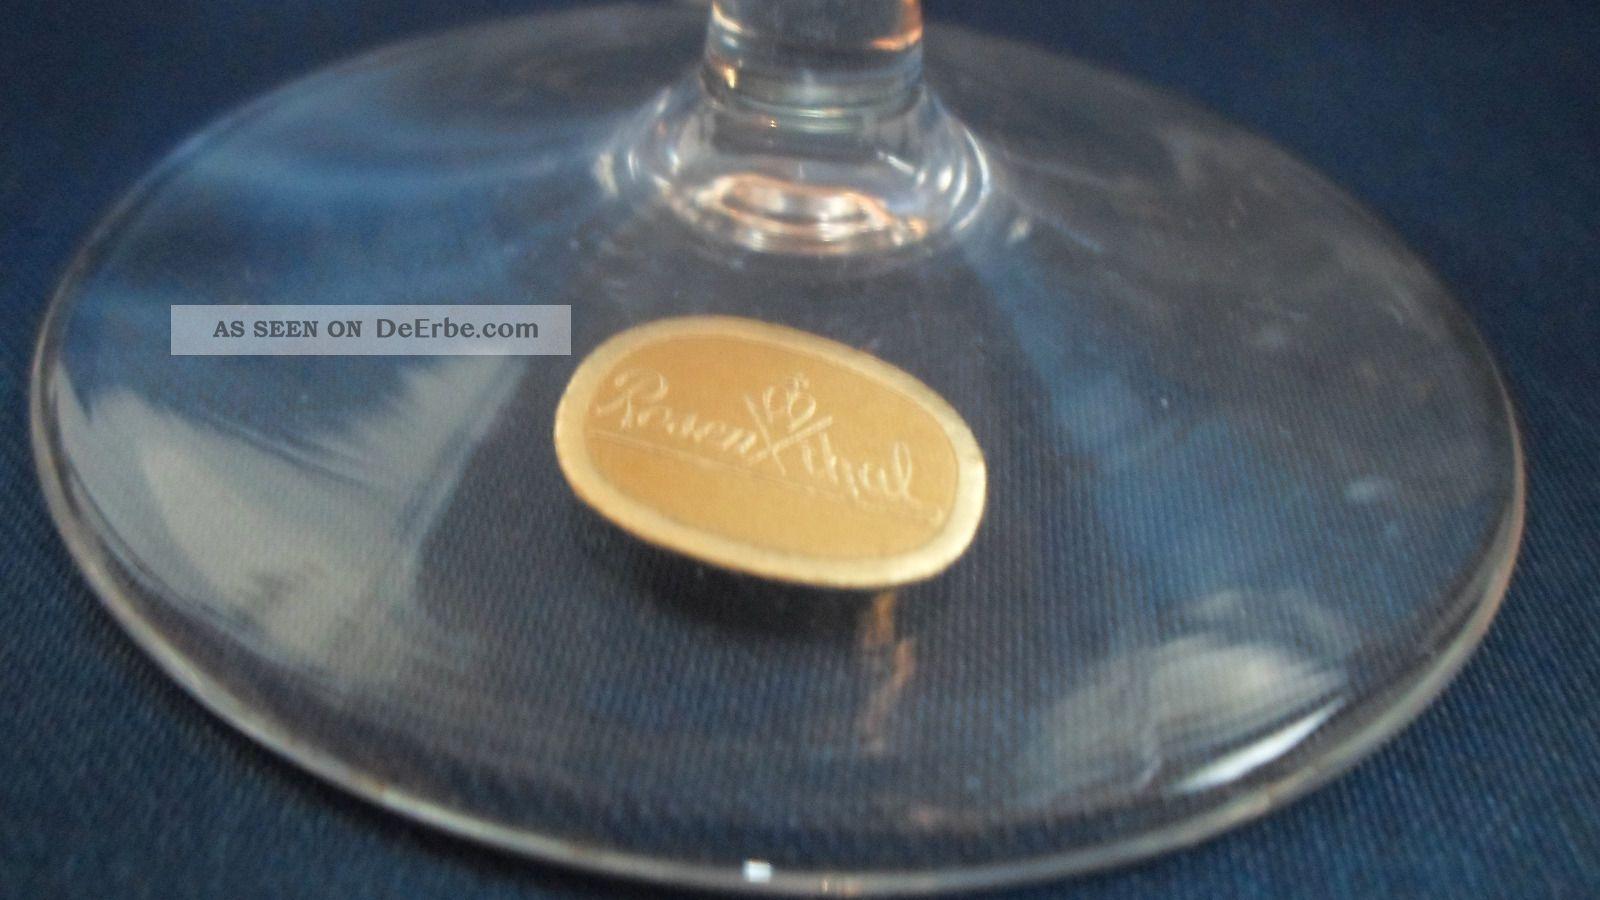 rosenthal gl ser form 2000 antik cognac glas weinbrand. Black Bedroom Furniture Sets. Home Design Ideas